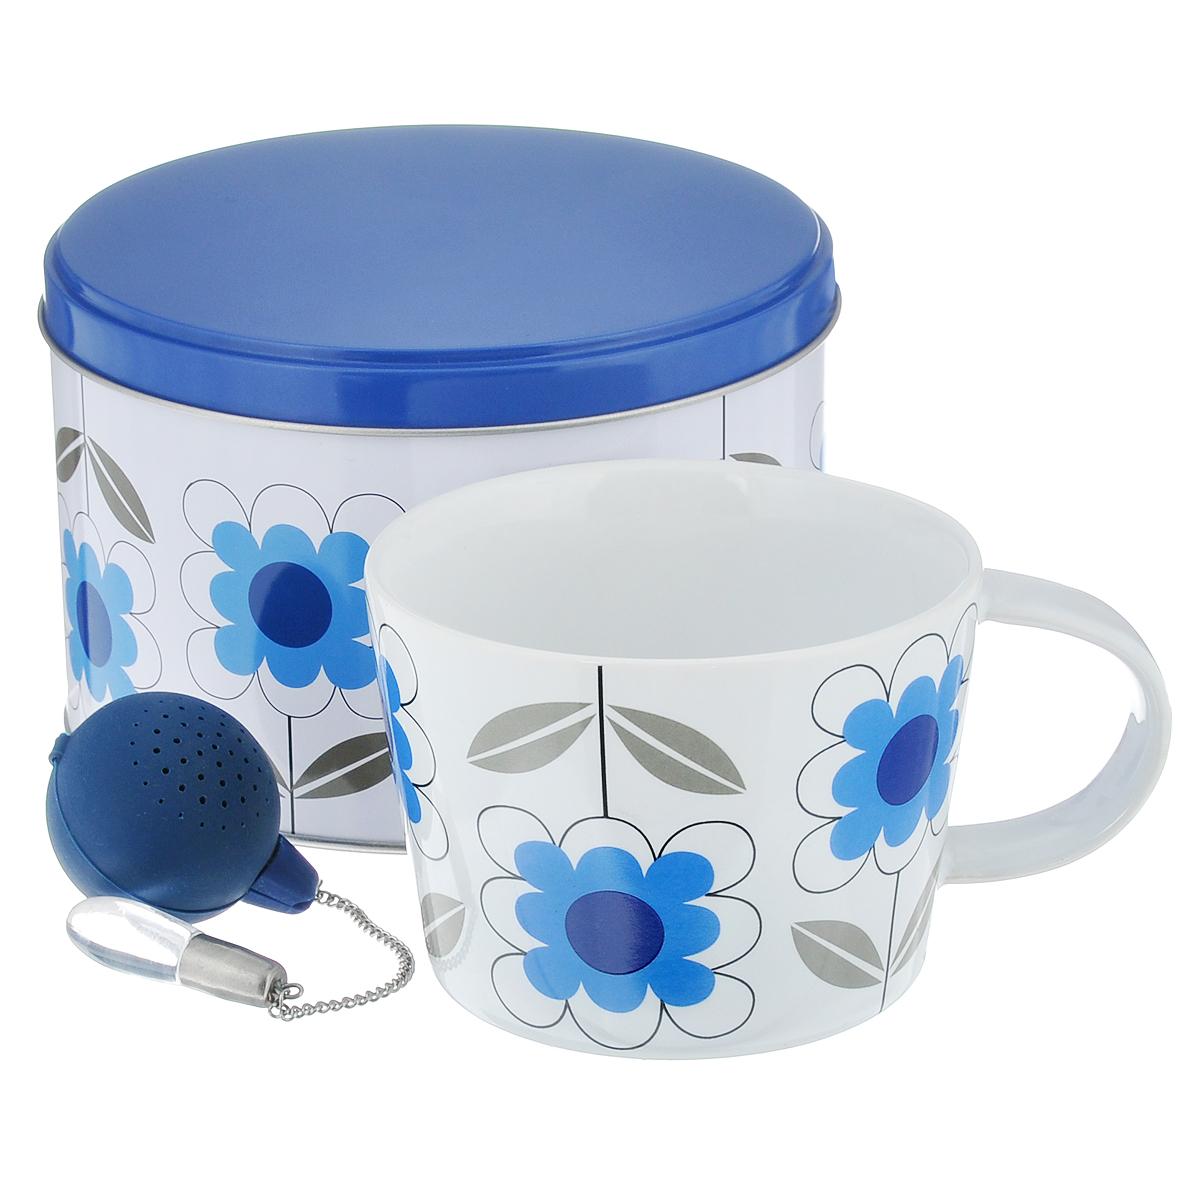 Набор чайный Sagaform Tea, цвет: синий, белый, 2 предмета5015361Набор чайный Sagaform Tea состоит из кружки, изготовленной из высококачественной керамики, и ситечка для заваривания чая. Круглое силиконовое ситечко оснащено стальной цепочкой со стеклянной подвеской, благодаря чему ситечко удобно доставать из кружки. Внешние стенки кружки оформлены цветочным узором. Предметы набора располагаются в круглой металлической банке с крышкой. Оригинальный скандинавский дизайн и функциональность сделают чайный набор Sagaform Tea желанным подарком! Объем кружки: 400 мл. Диаметр кружки по верхнему краю: 10,5 см. Диаметр дна кружки: 8,5 см. Высота стенок кружки: 8 см. Диаметр ситечка: 4 см.